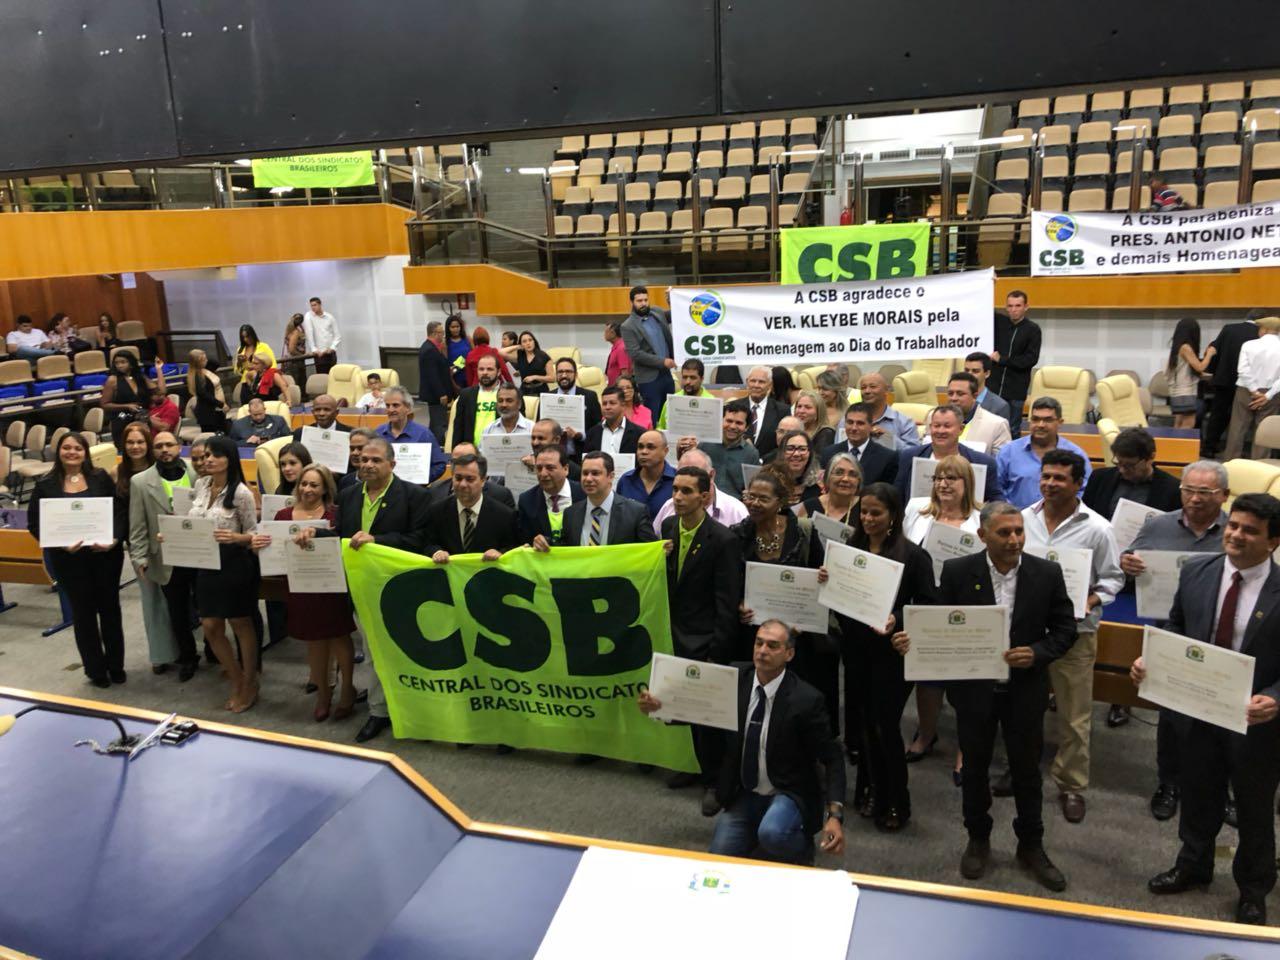 Homenagem à CSB na Câmera de Vereadores de Goiânia – 25/04/2018